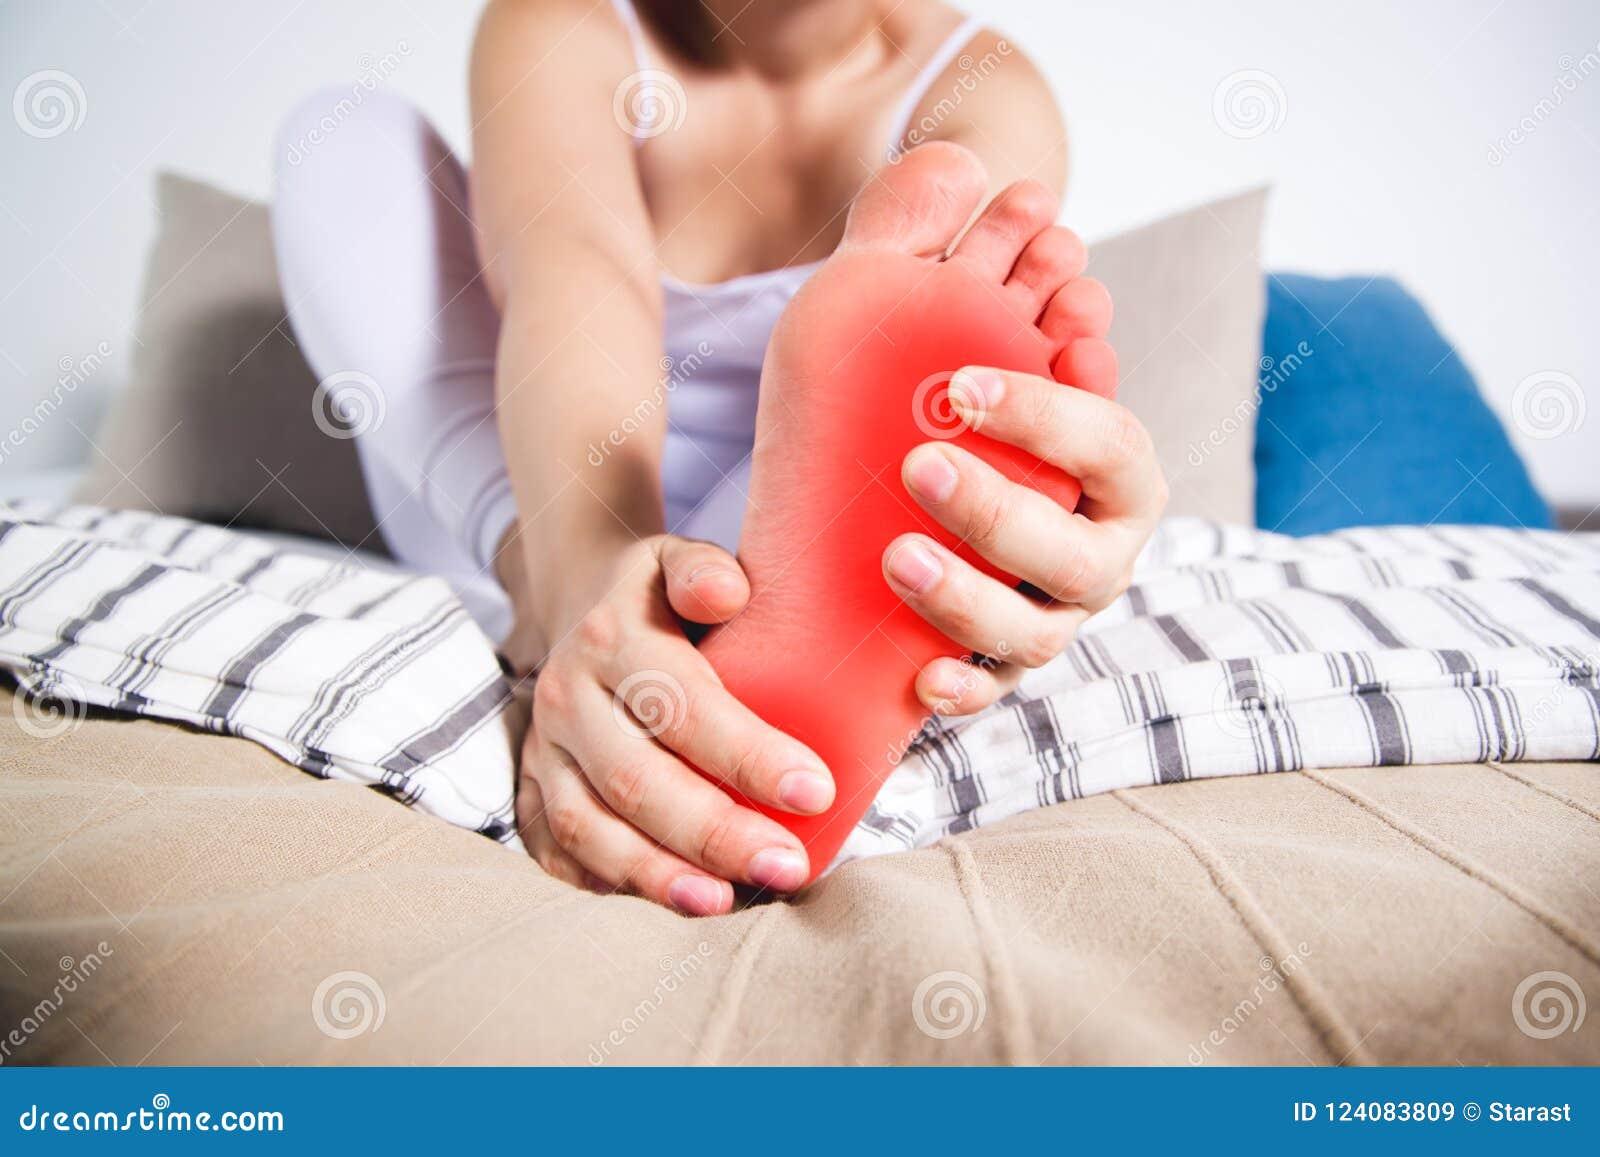 La pierna del ` s de la mujer daña, el dolor en el pie, masaje de pies femeninos